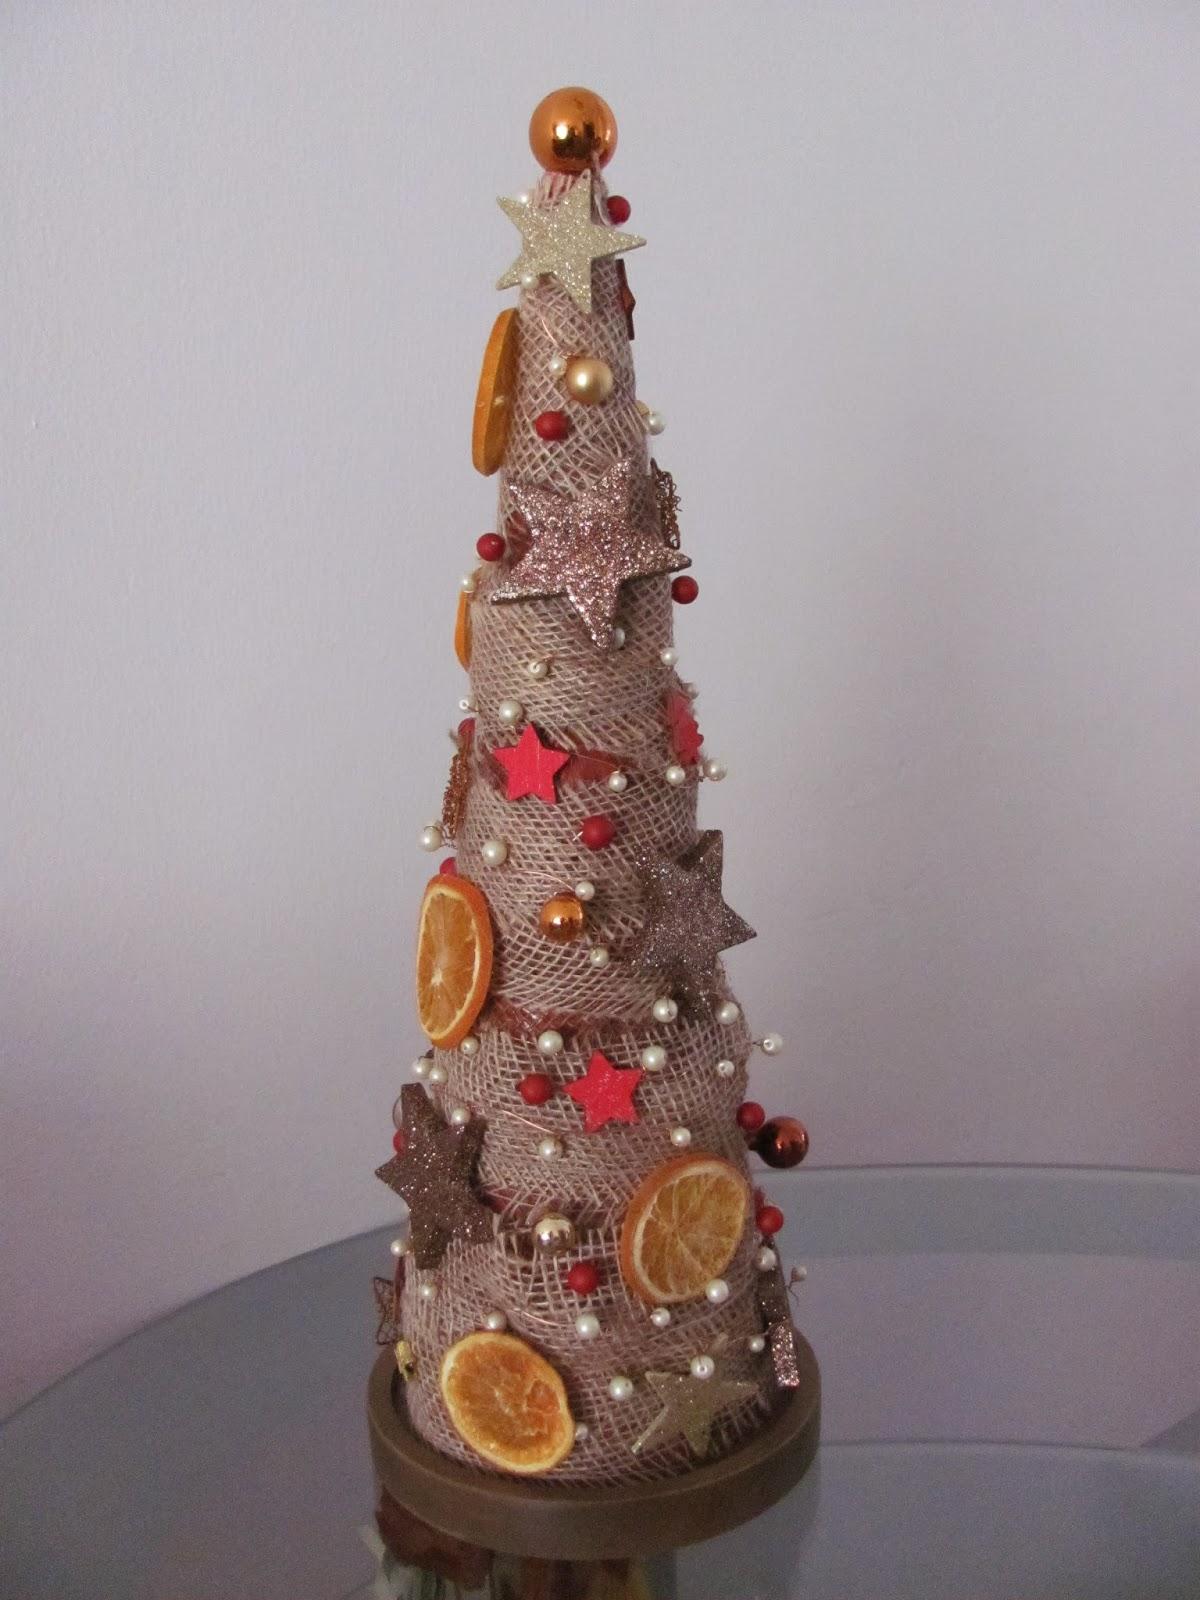 mona 39 s handmade weihnachtsbaum selber machen. Black Bedroom Furniture Sets. Home Design Ideas